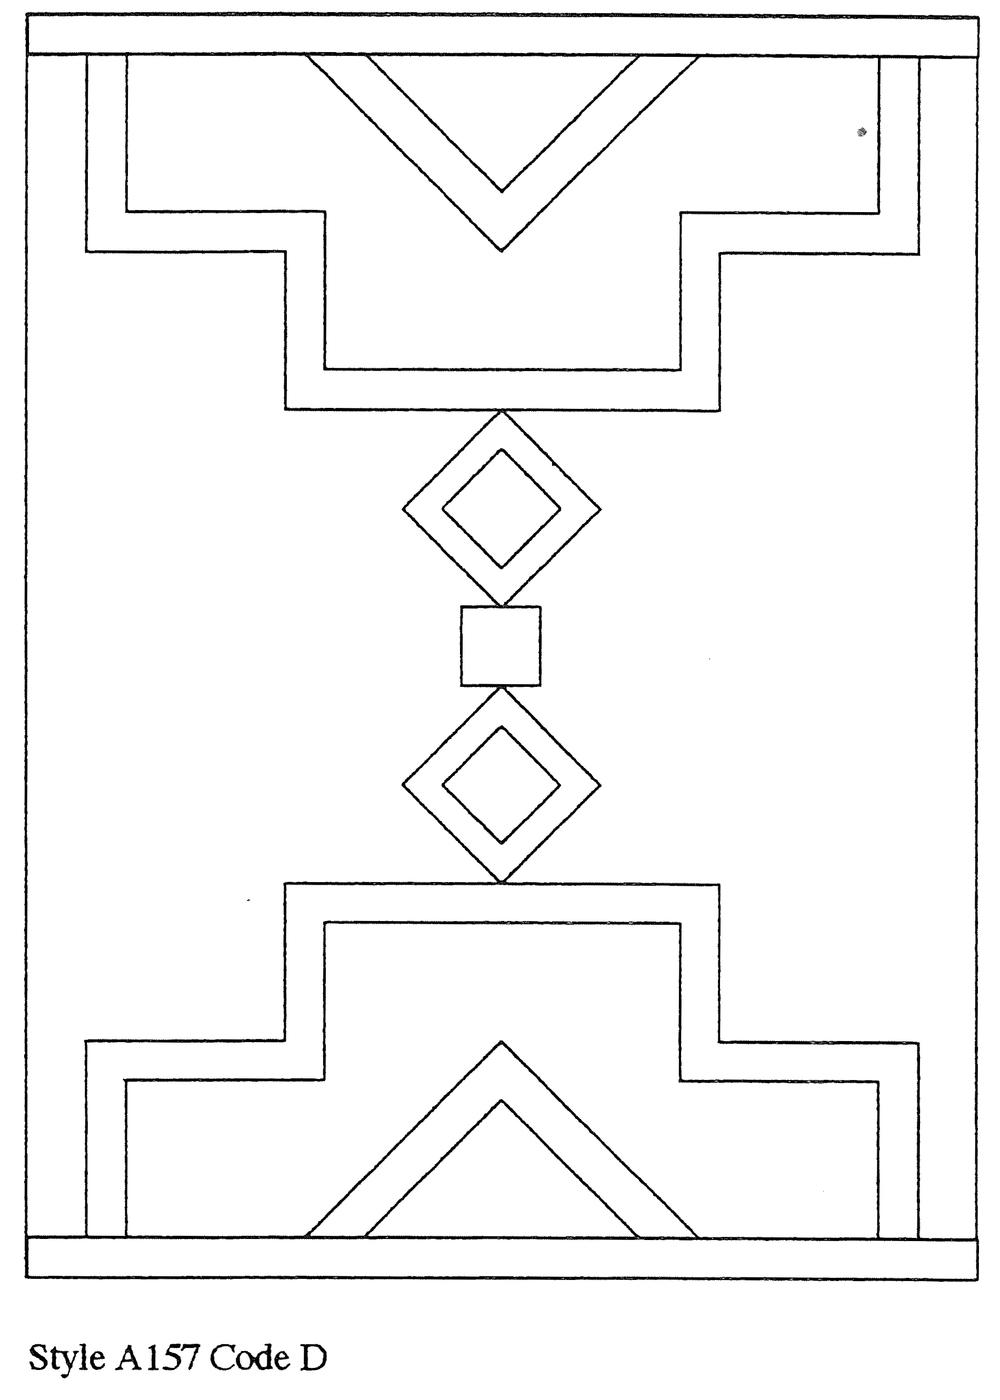 P5-A157.jpg